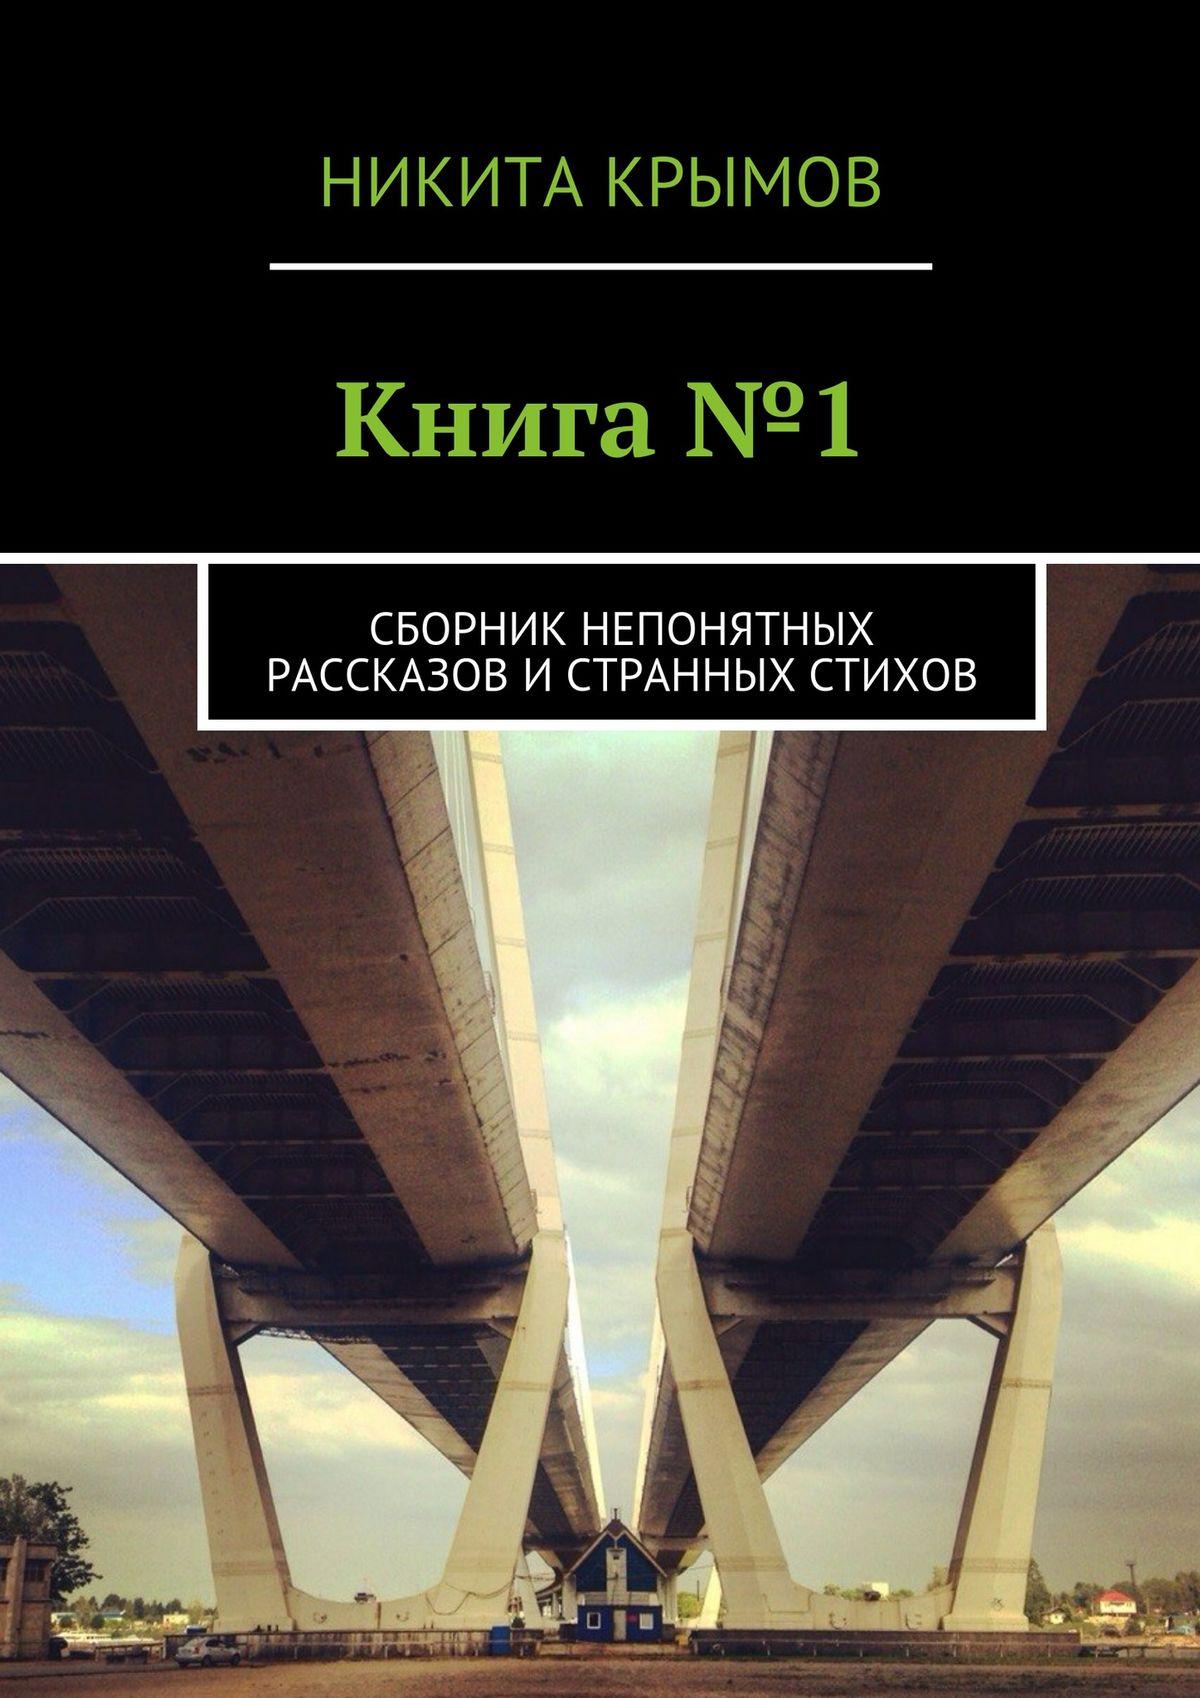 Книга№1. Сборник непонятных рассказов истранных стихов